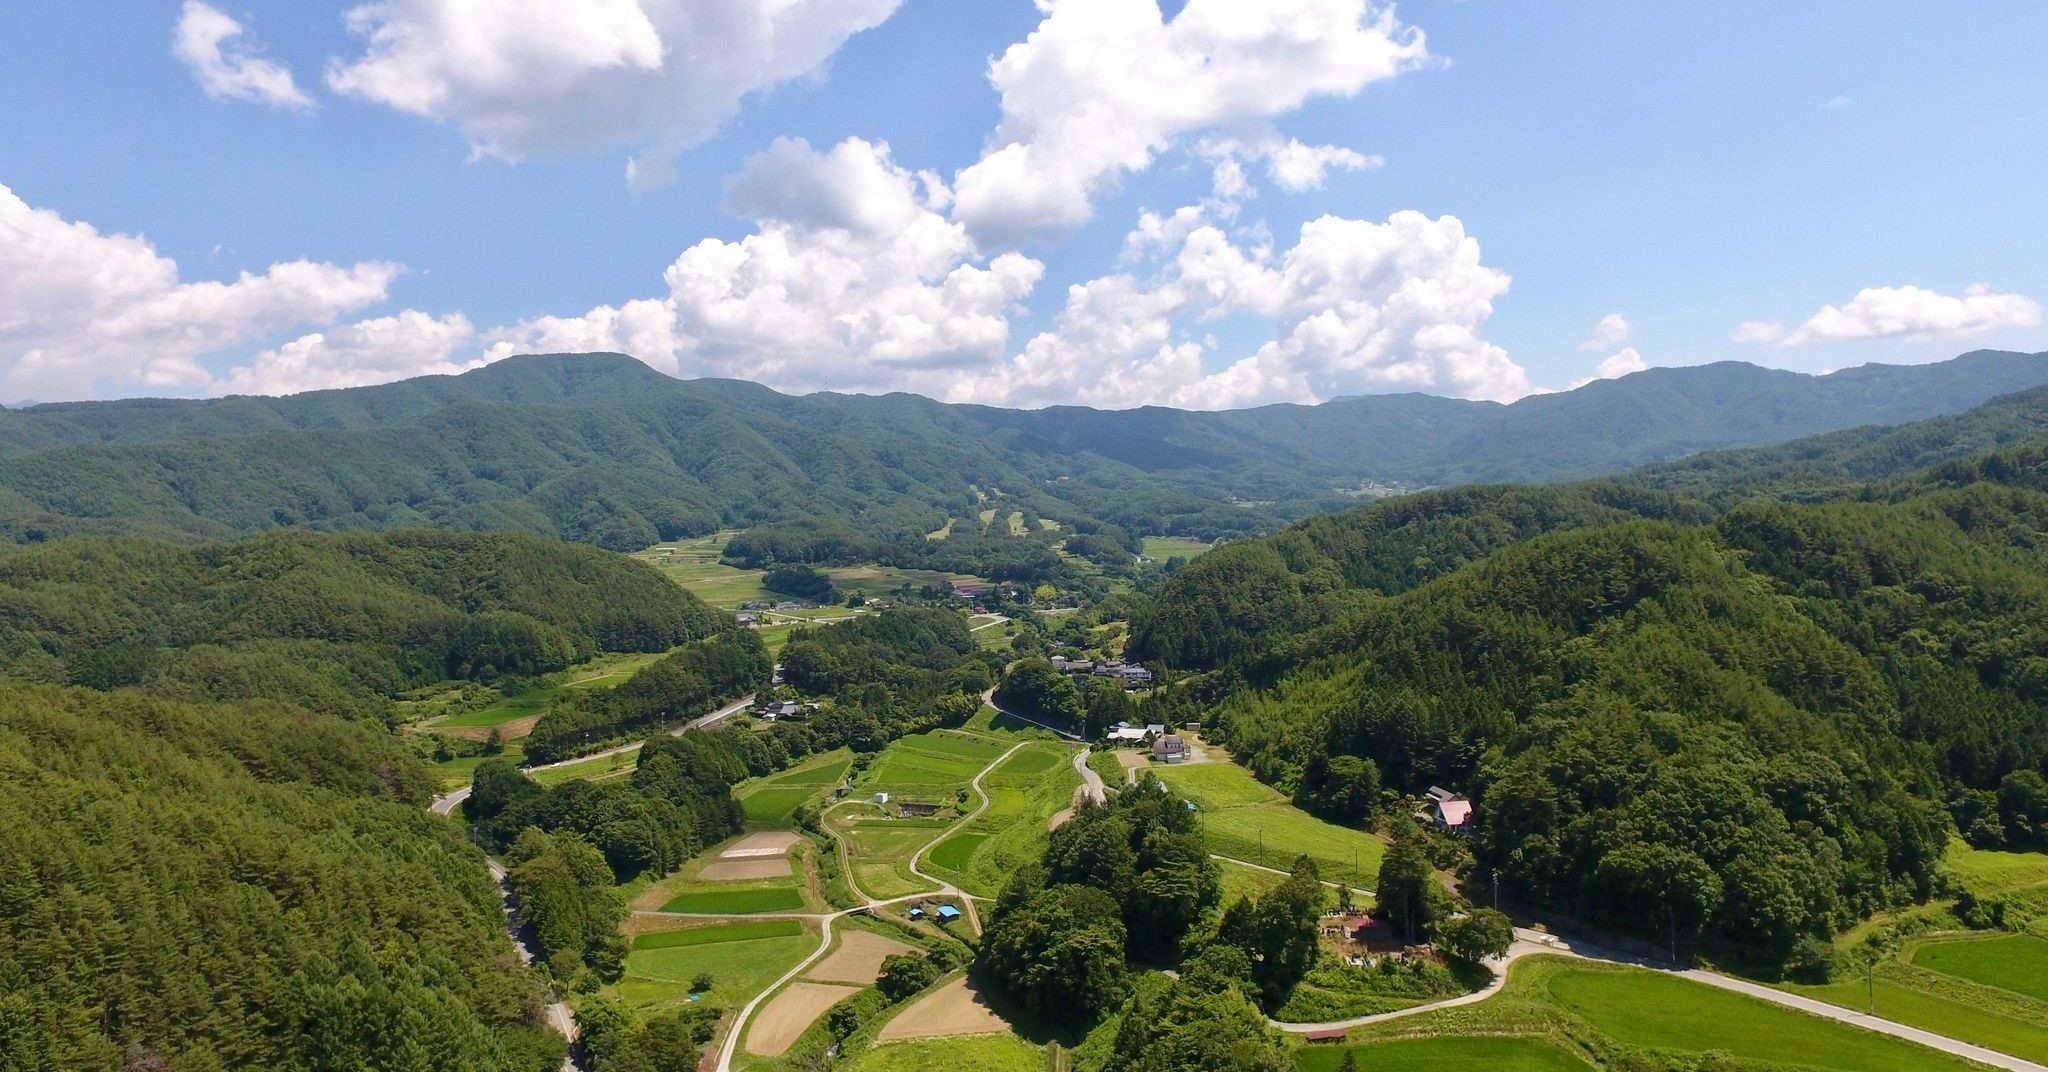 田舎の雰囲気を堪能できる里山地域